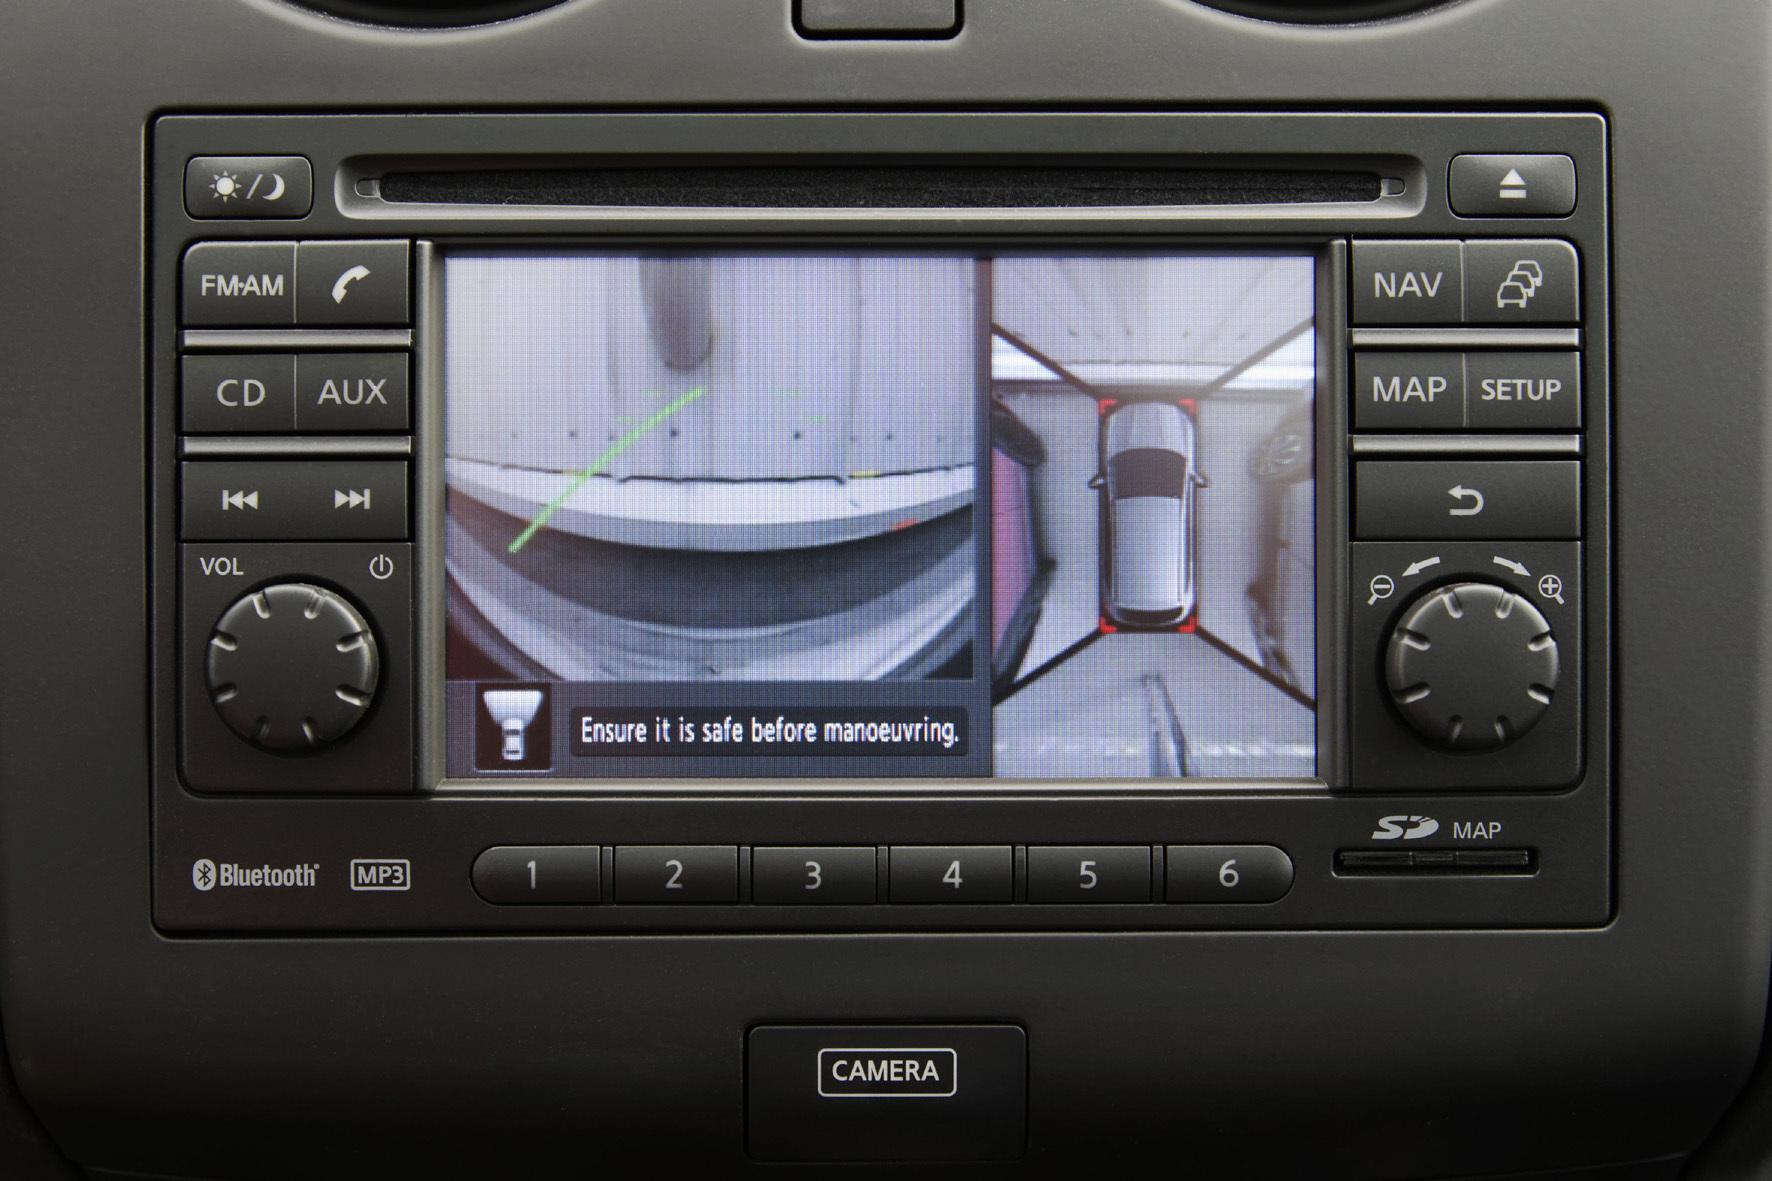 mid Groß-Gerau - Nackenschonung auf japanisch: Nissan legt nun die N-Vision-Sondermodelle auf, die serienmäßig einen 360-Grad-Rundumsicht-Monitor an Bord haben.